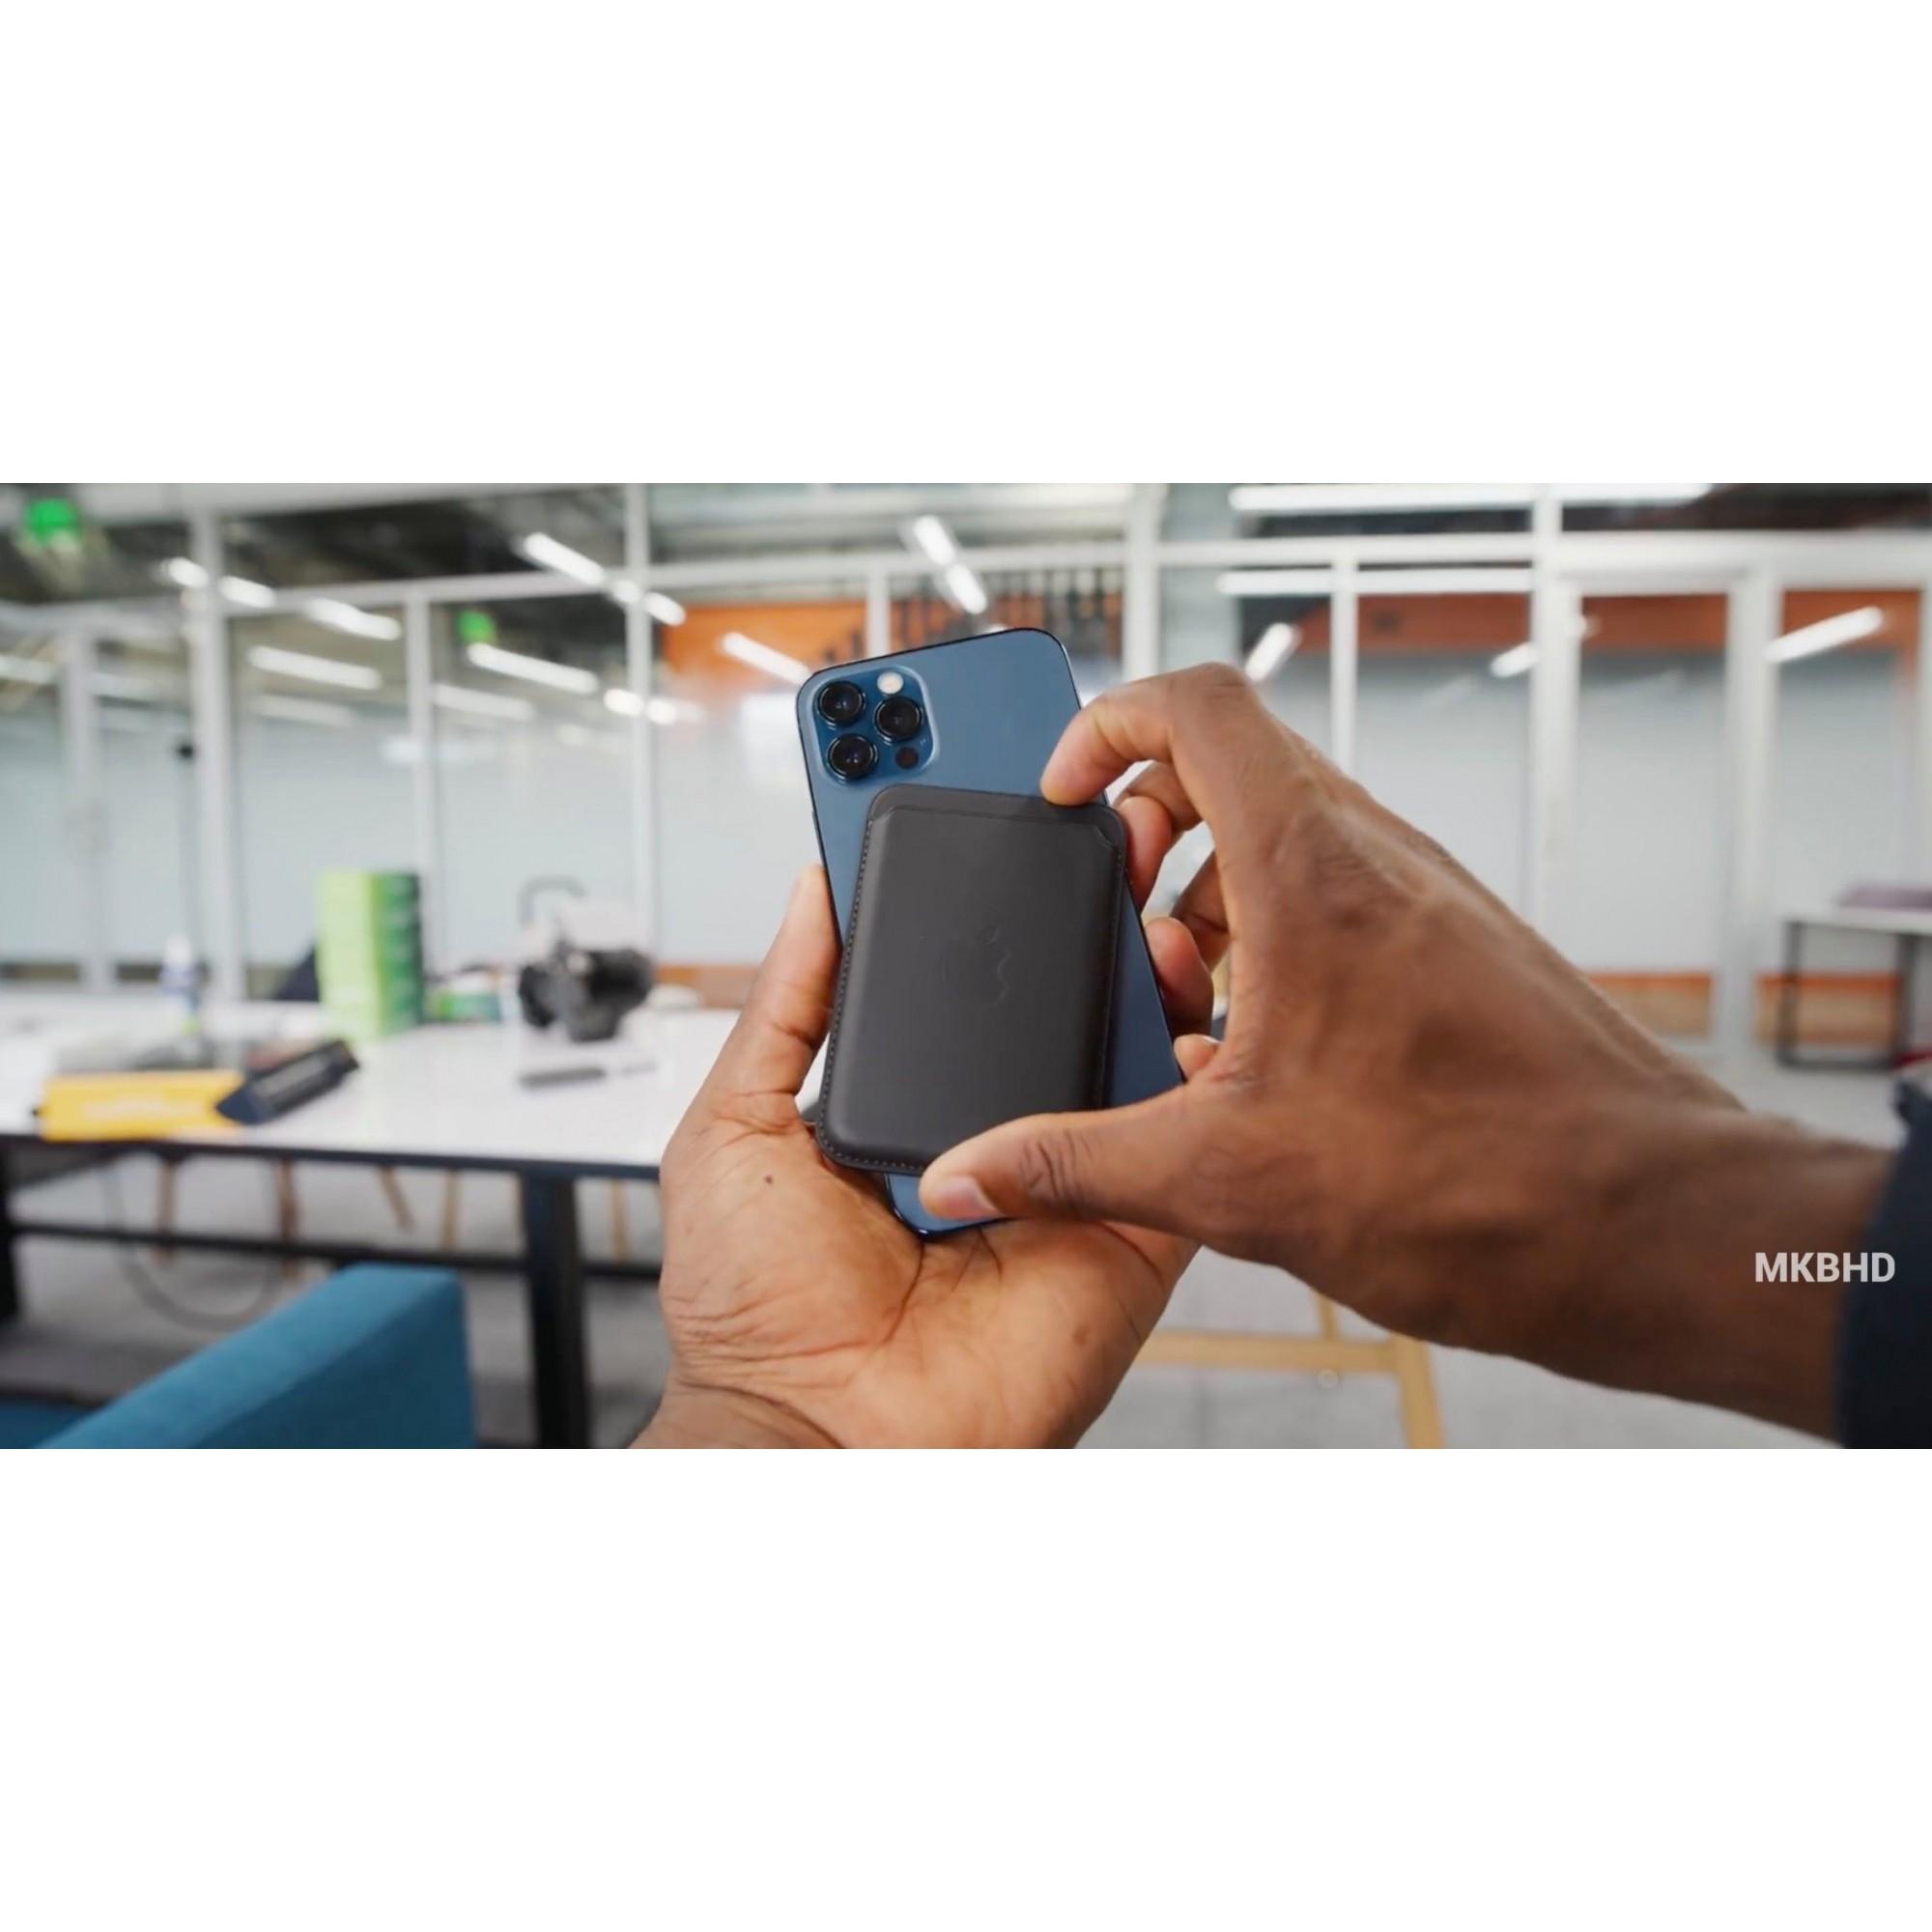 Card Case Compatível com iPhone - Verde Escuro